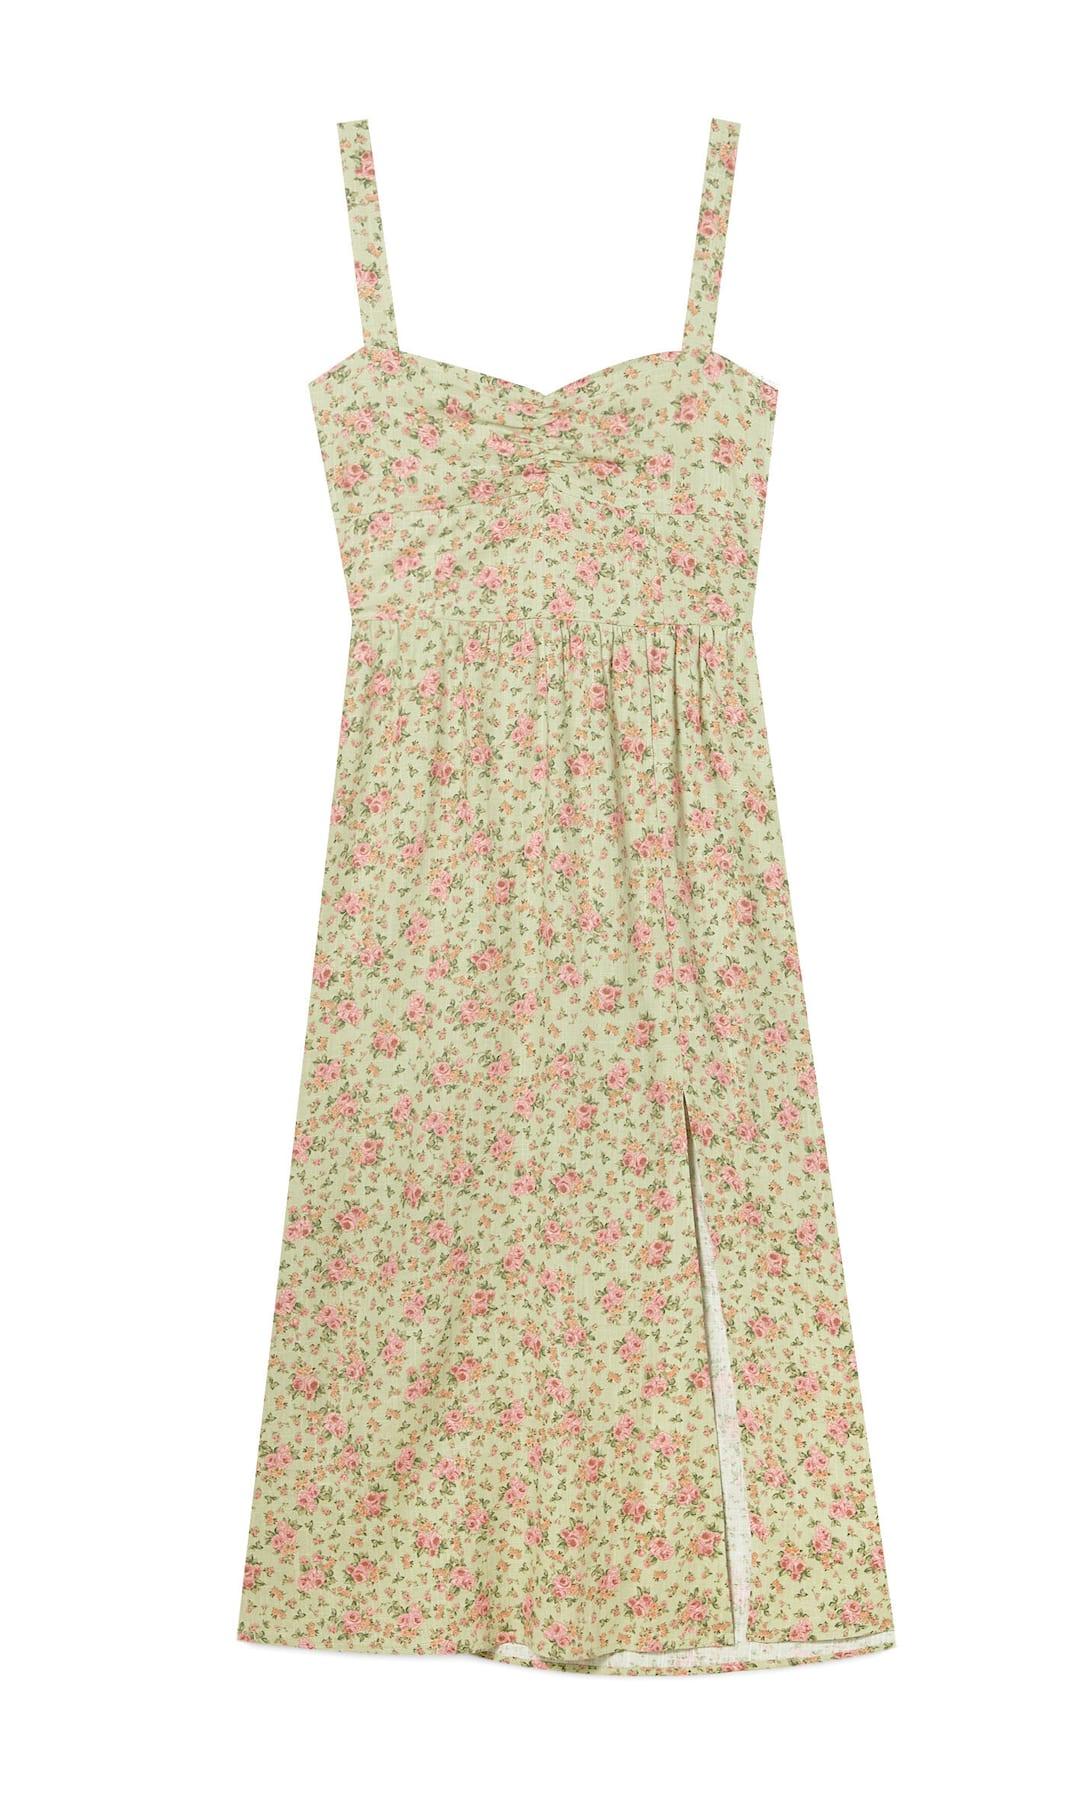 El nuevo vestido midi rustico de Stradivarius resaltará tu bronceado y hace una talla menos